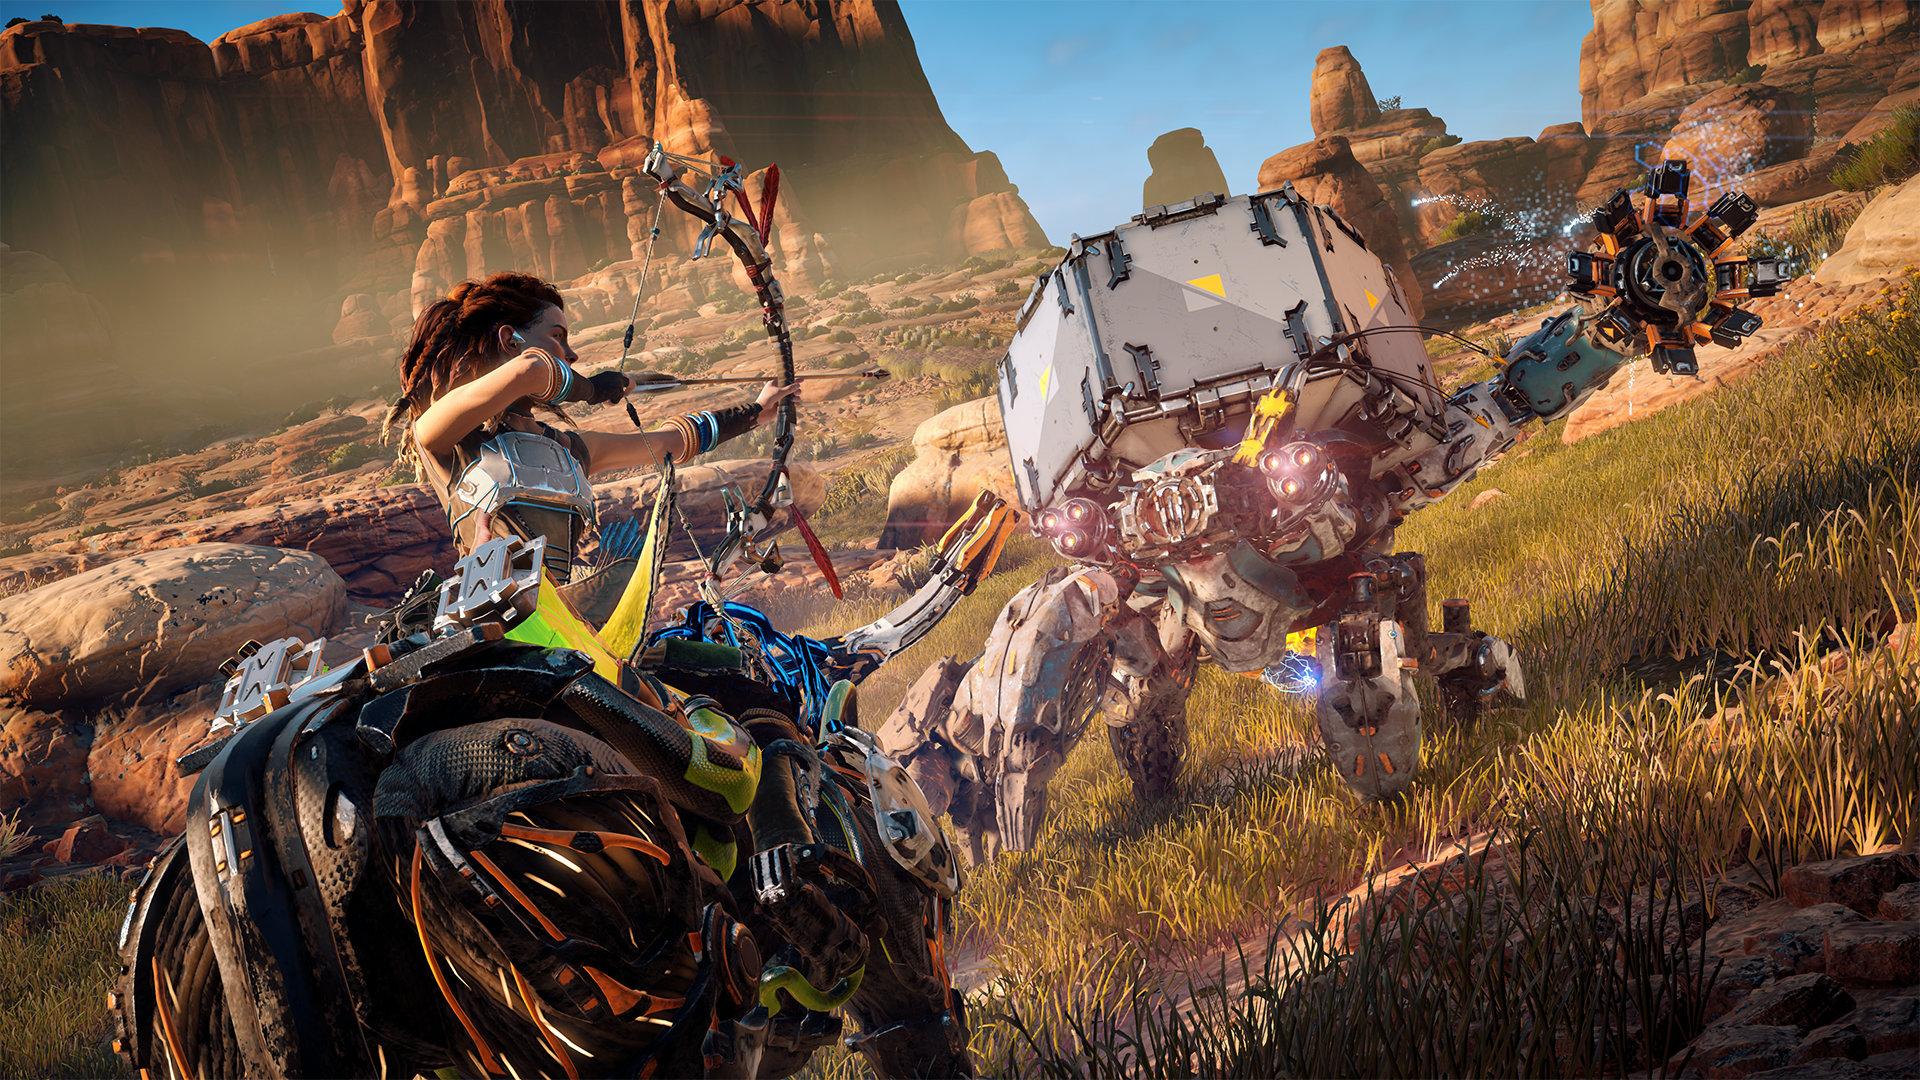 Confermato l'arrivo di Horizon Zero Dawn su PC nel 2020? thumbnail